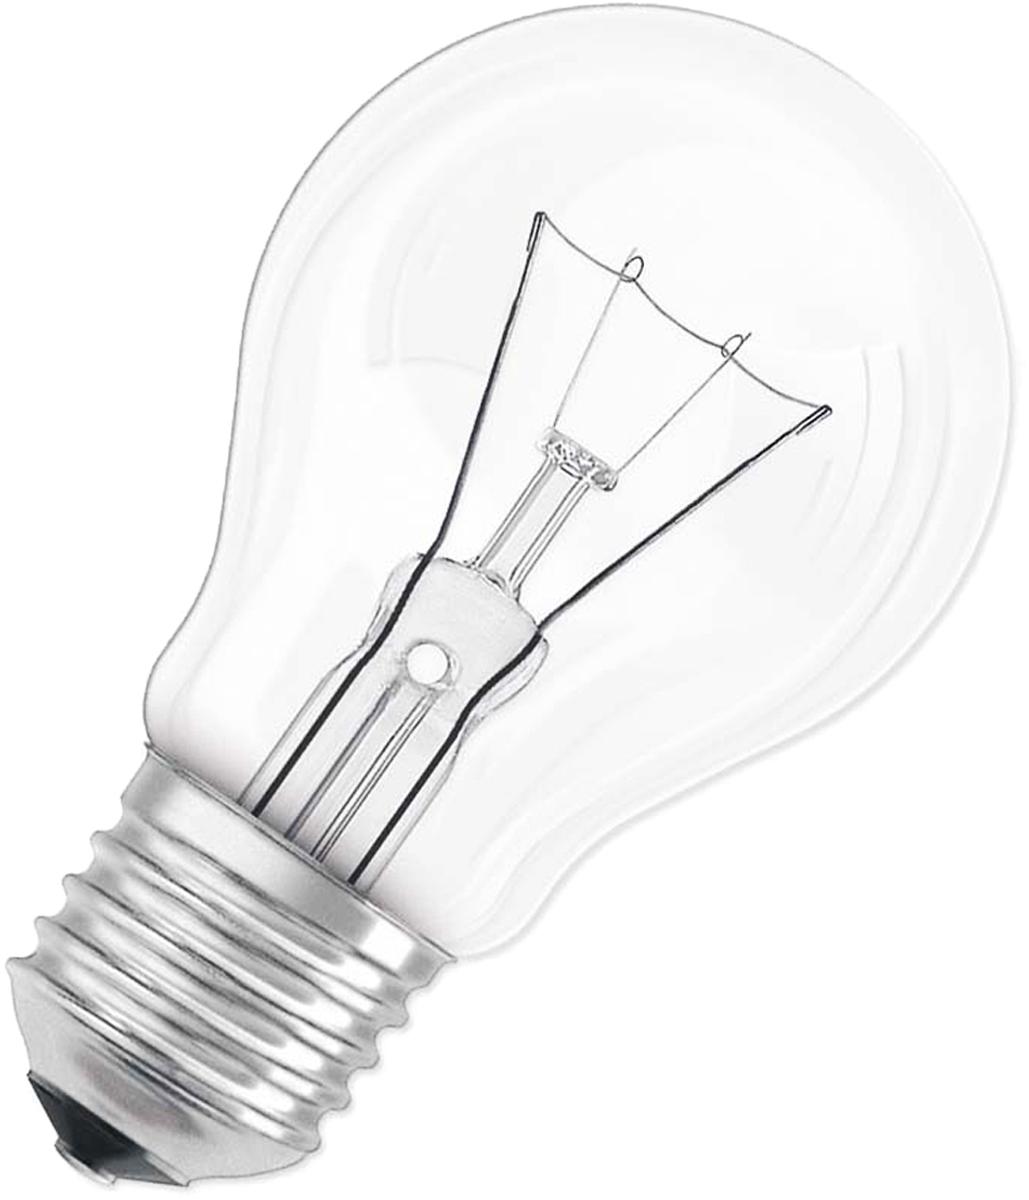 Лампа накаливания Osram Classic A CL 60Вт E27 220-240В. 40083216658504008321665850Конструкция лампы состоит из стеклянной колбы, заполненной инертным газом. Основу устройства составляет тело накала или вольфрамовая спираль, которая под воздействием электрического тока начинает излучать свечение.Лампы накаливания используются для всеобщего, местного и наружного освещения в быту и промышленности в сетях переменного тока напряжением 220 В частотой 50 Гц